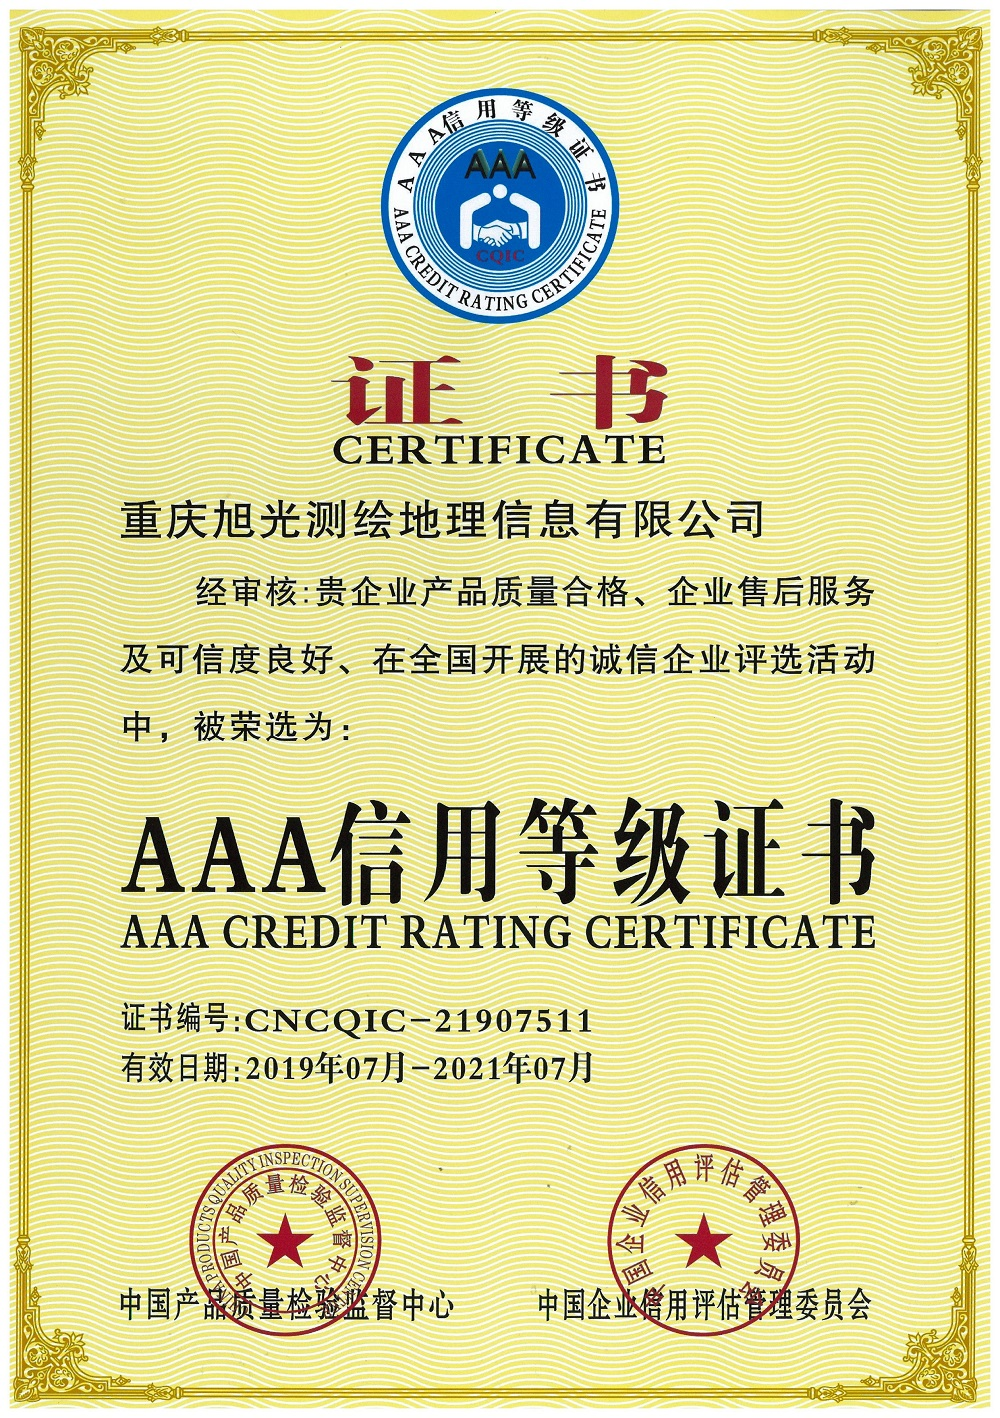 AAA信用等级证书